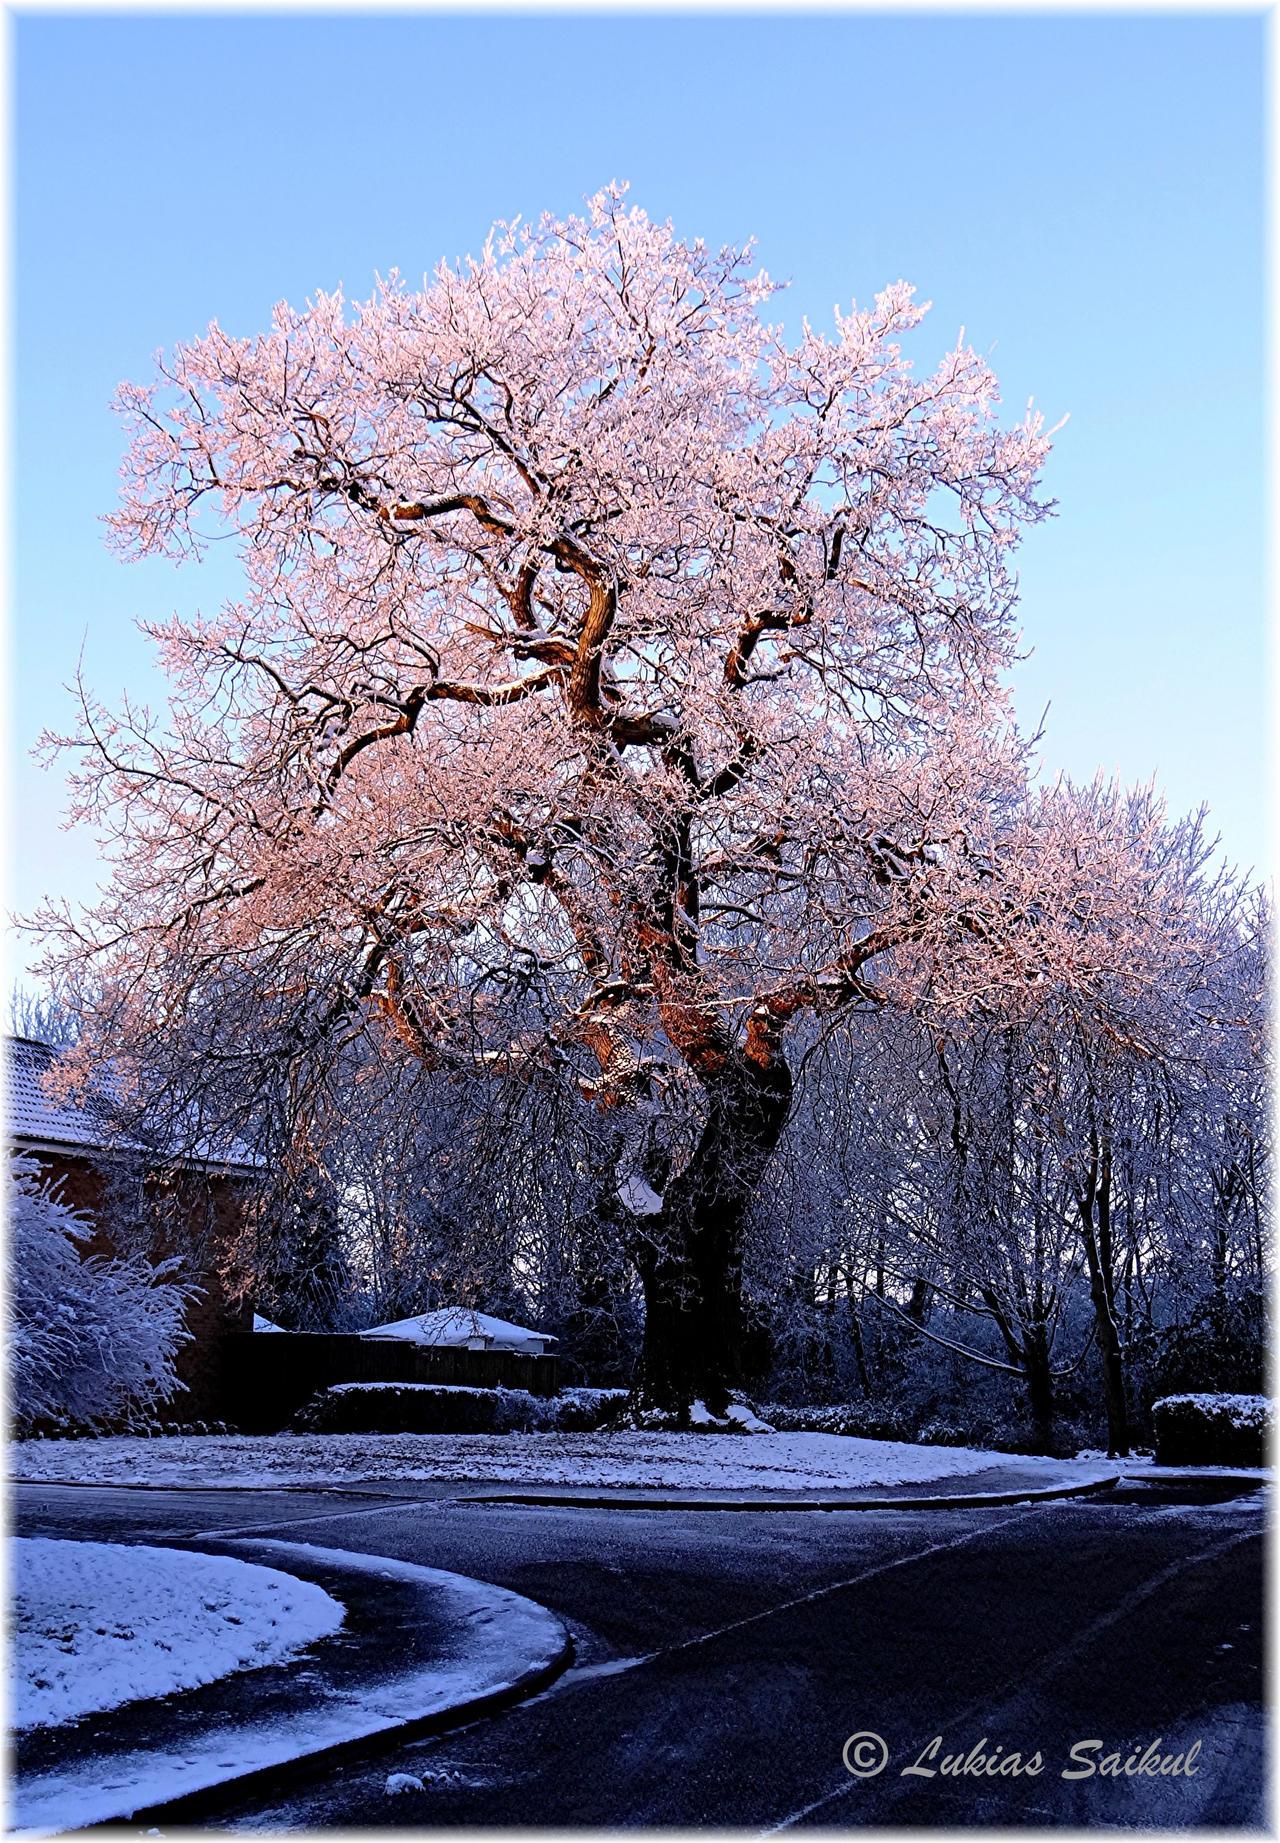 Winter Scene II by lukias-saikul